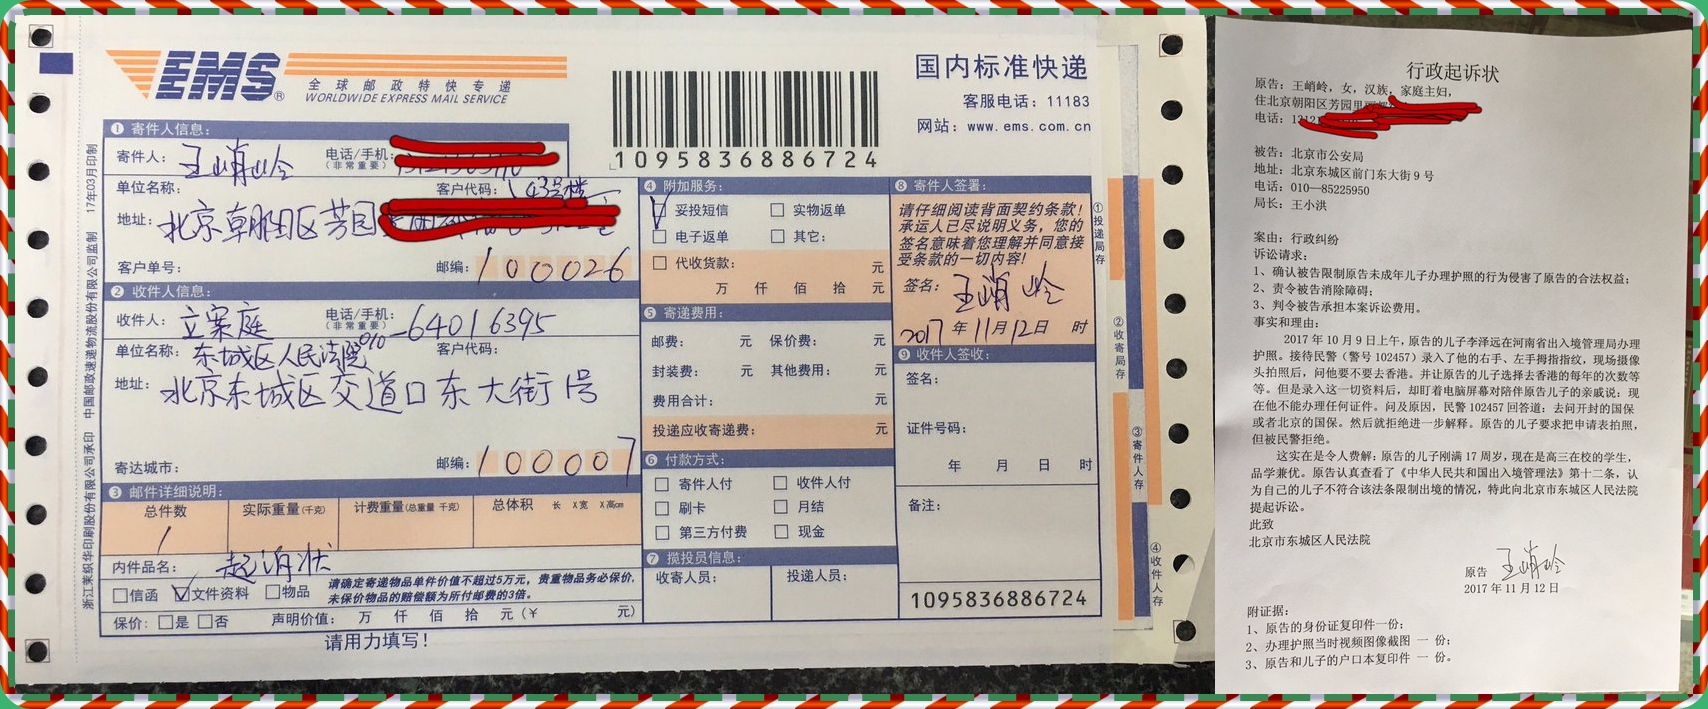 李和平兒子李澤遠辦理護照第二次被拒絕。李和平的妻子王峭嶺向北京東城法院寄出起訴北京市公安局違法的訴狀。(王峭嶺推特/大紀元合成)